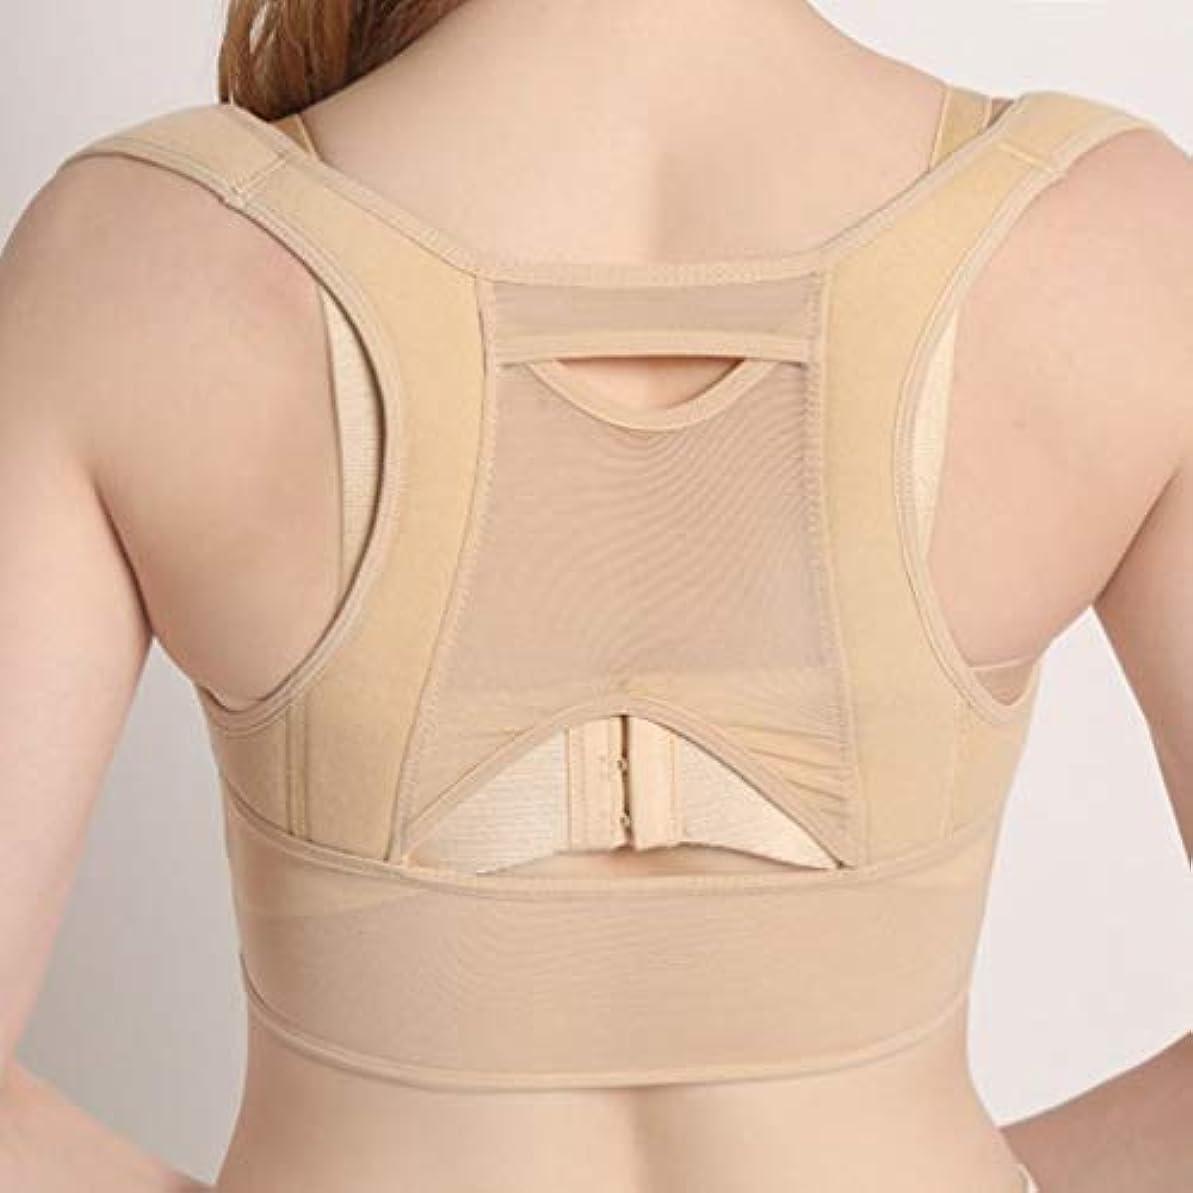 強風部牛背部姿勢補正コルセット上背部肩背骨姿勢補正器背部姿勢、補正コルセット、整形外科、上背部、肩背骨、姿勢補正器ベージュホワイトM